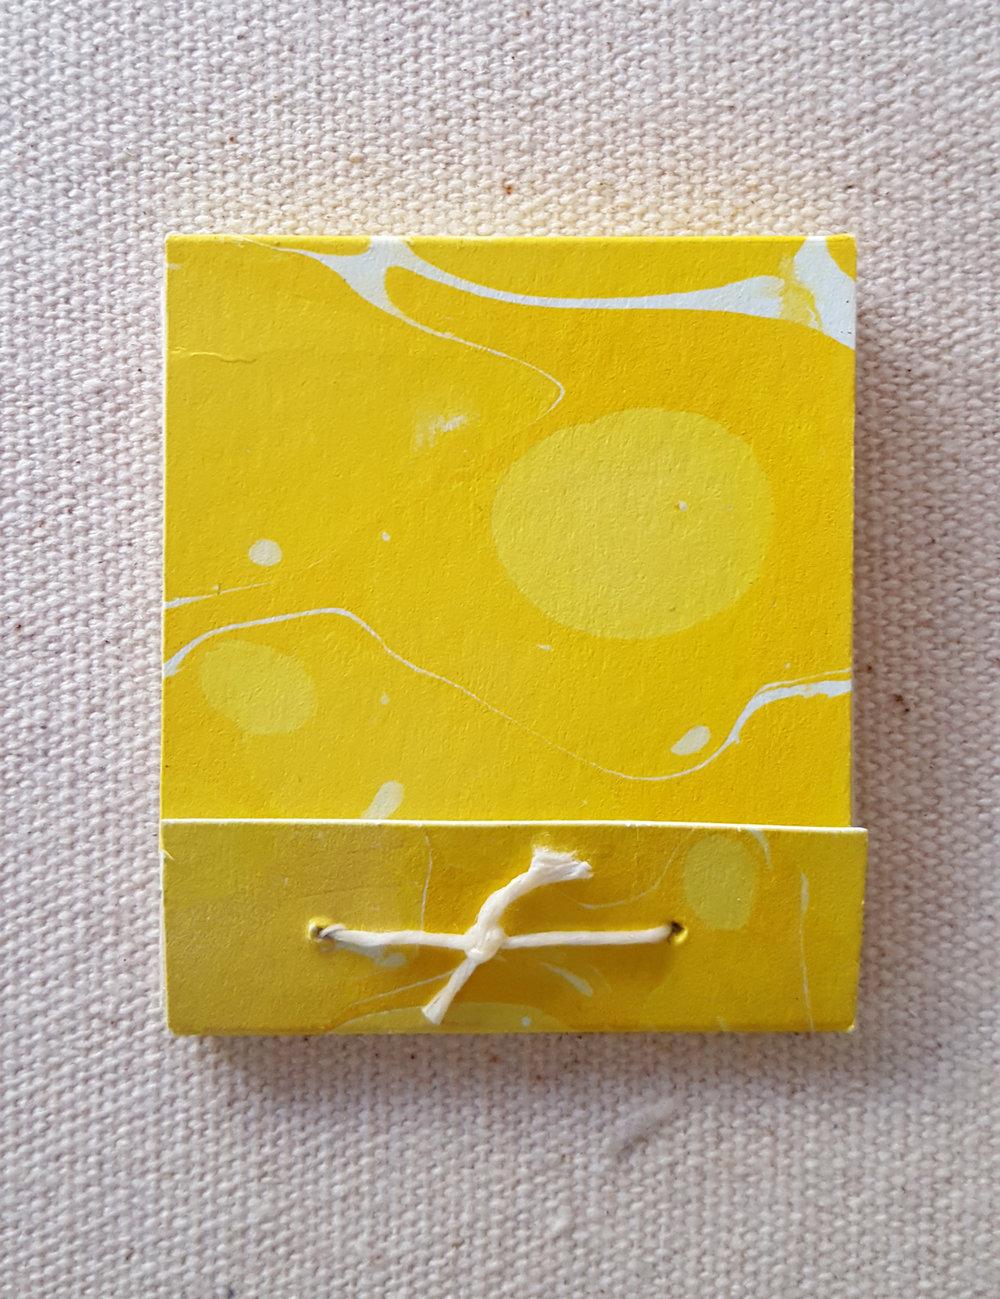 matchstick notebooks.jpg